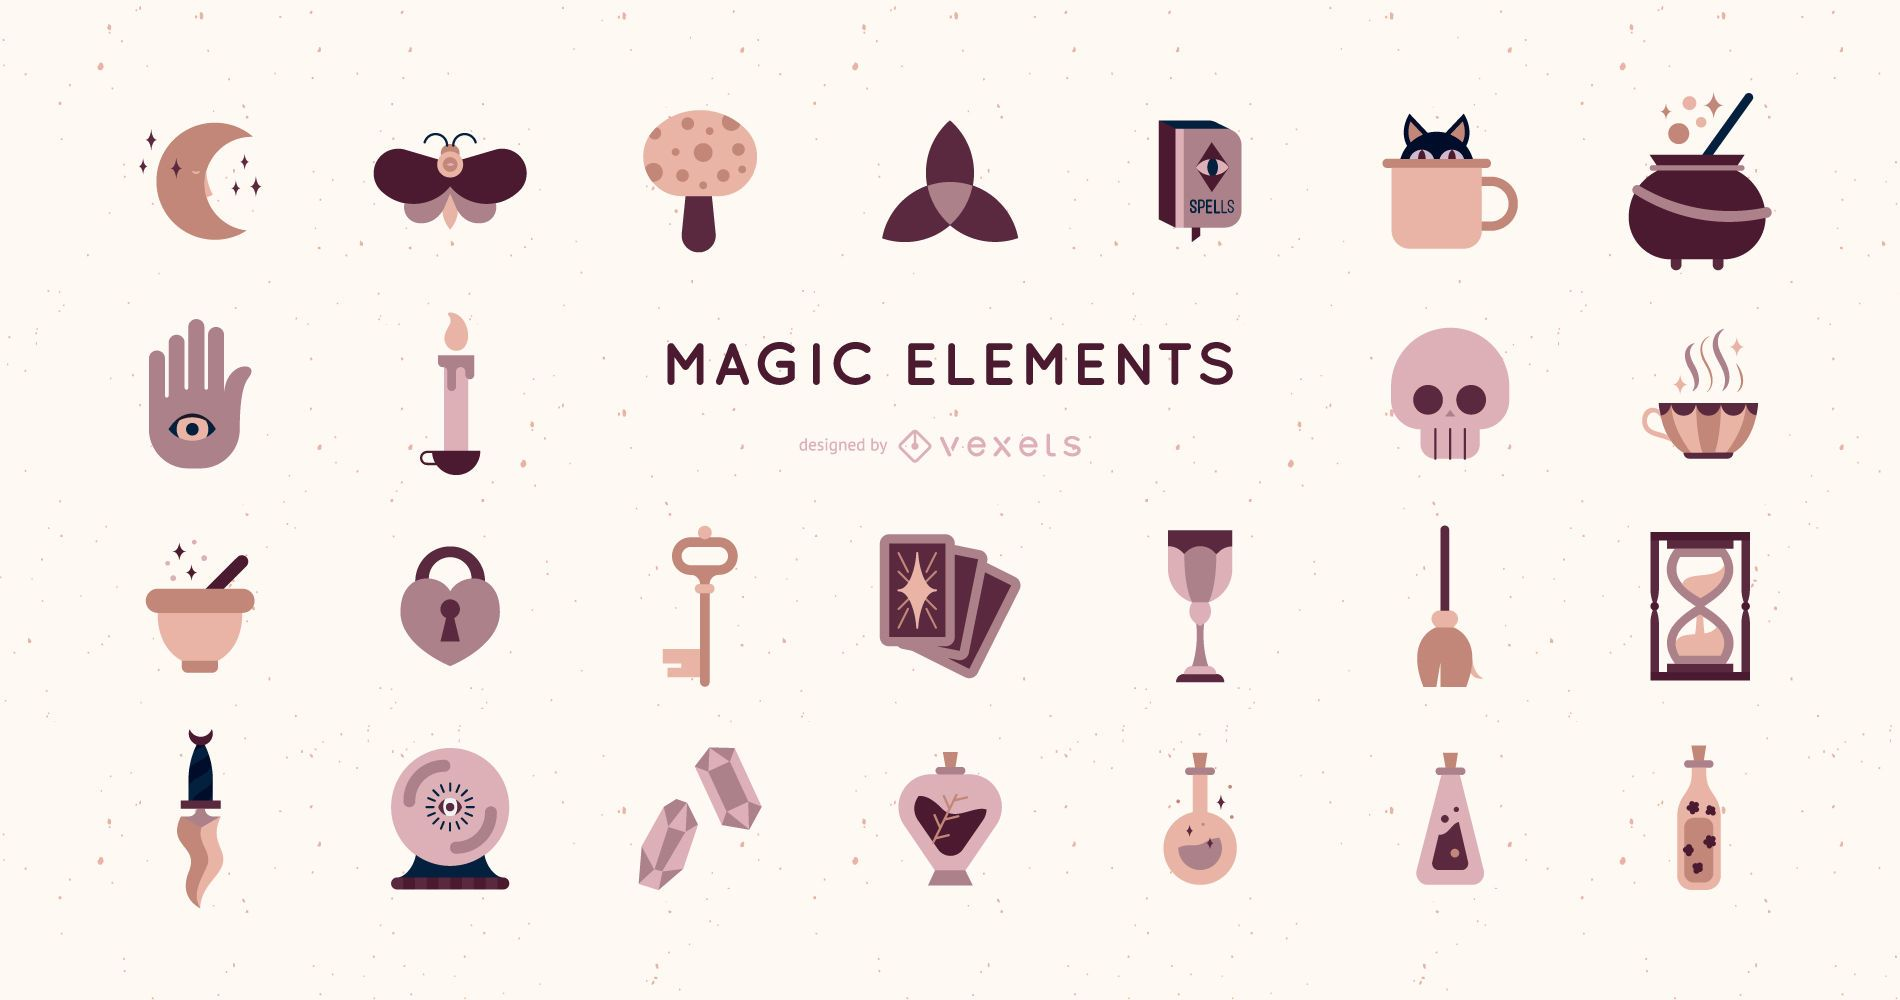 Flat Design Magic Elements Pack